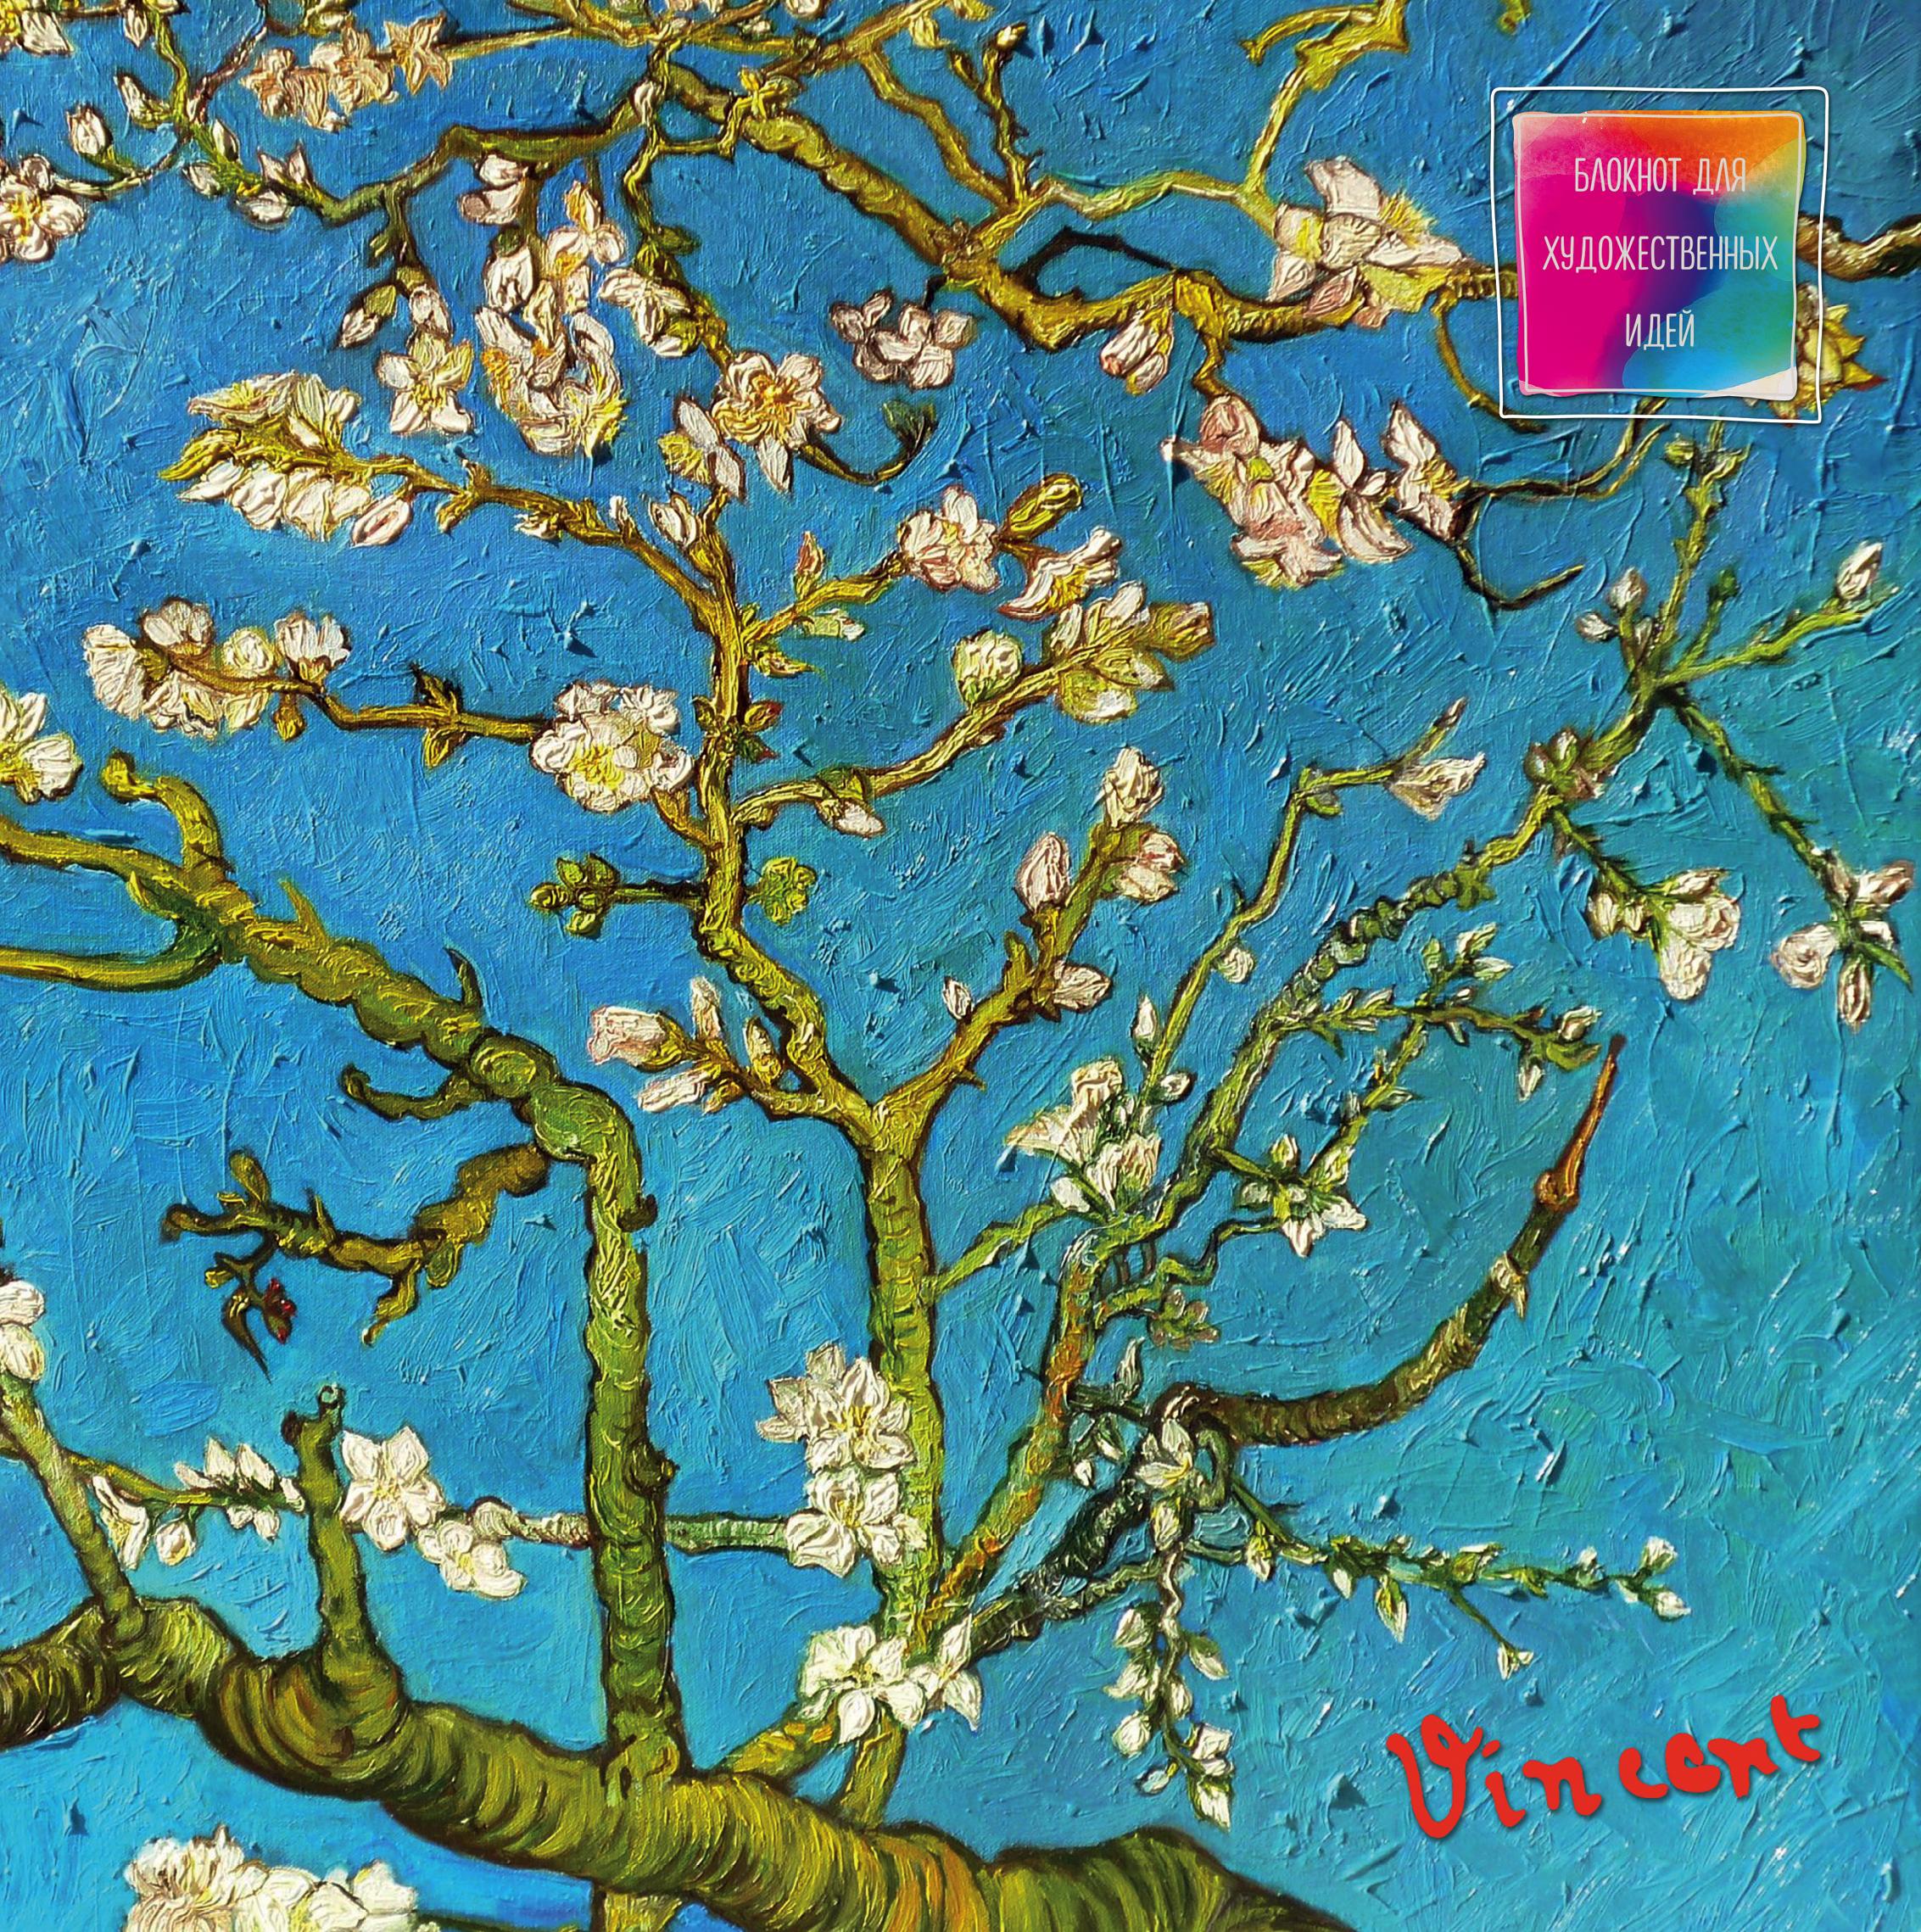 Ван Гог. Цветущие ветки миндаля. Блокнот для художественных идей блокнот в пластиковой обложке ван гог цветущие ветки миндаля формат малый 64 страницы арте